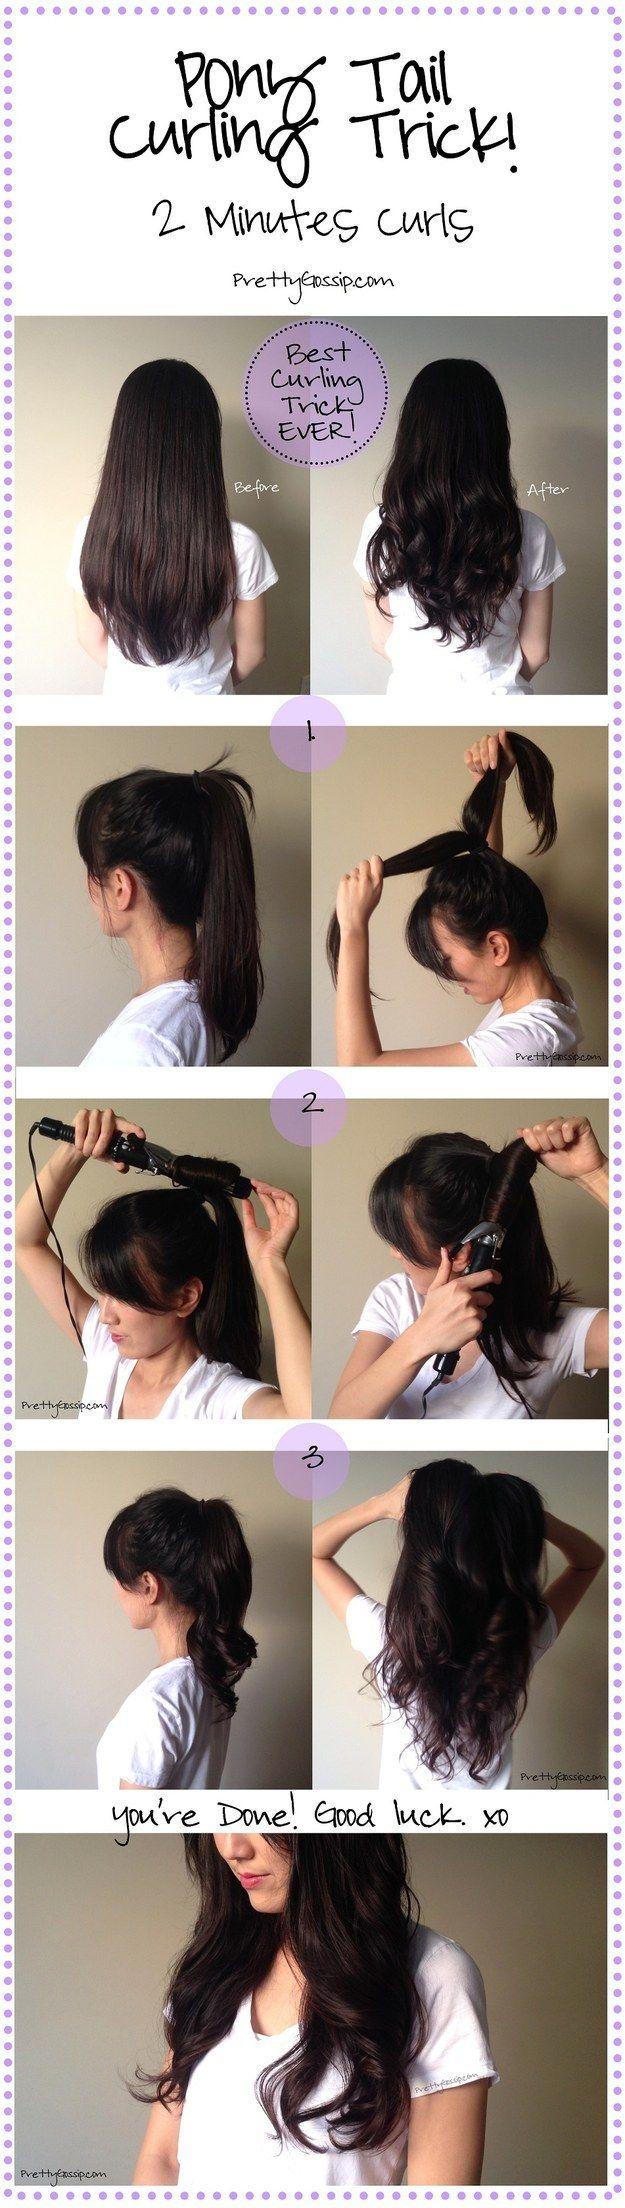 Riza tu cabello en básicamente un minuto al ponerlo en una cola de caballo para dividirlo en dos o tres partes y conquistarlo. | 27 consejos y trucos para lograr hacer una cola de caballo perfecta